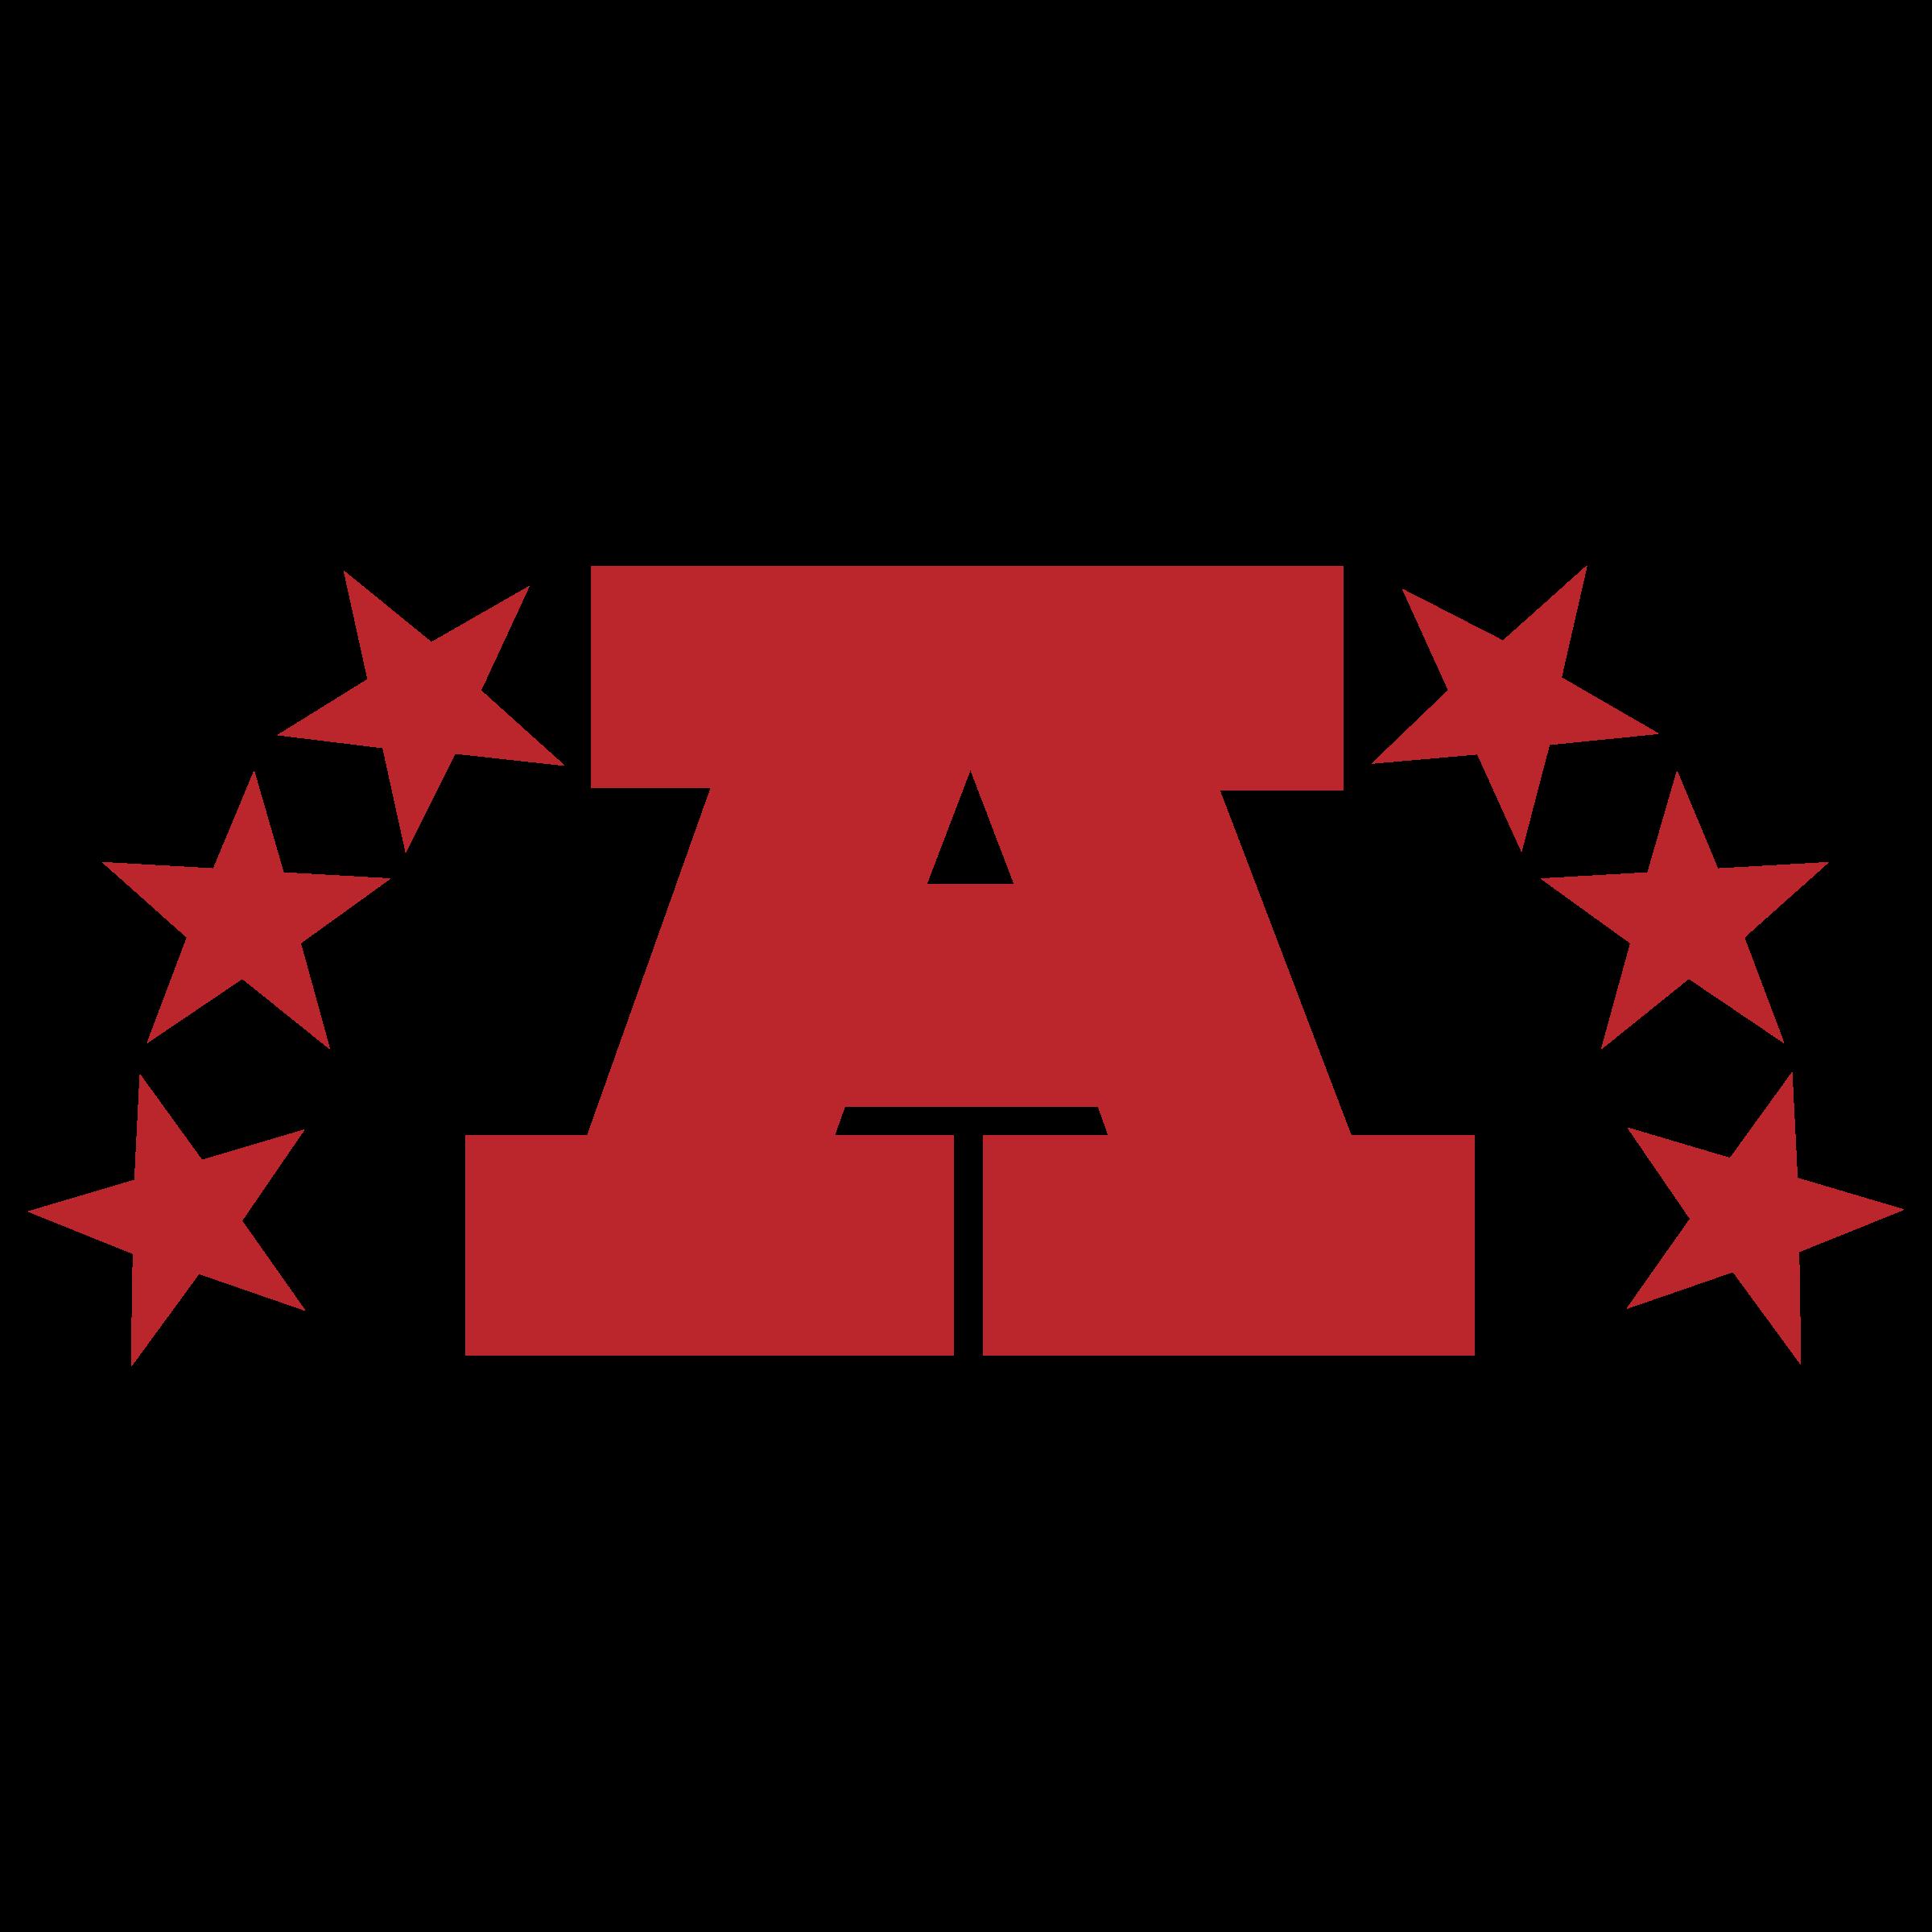 AFC 02 Logo PNG Transparent & SVG Vector - Freebie Supply